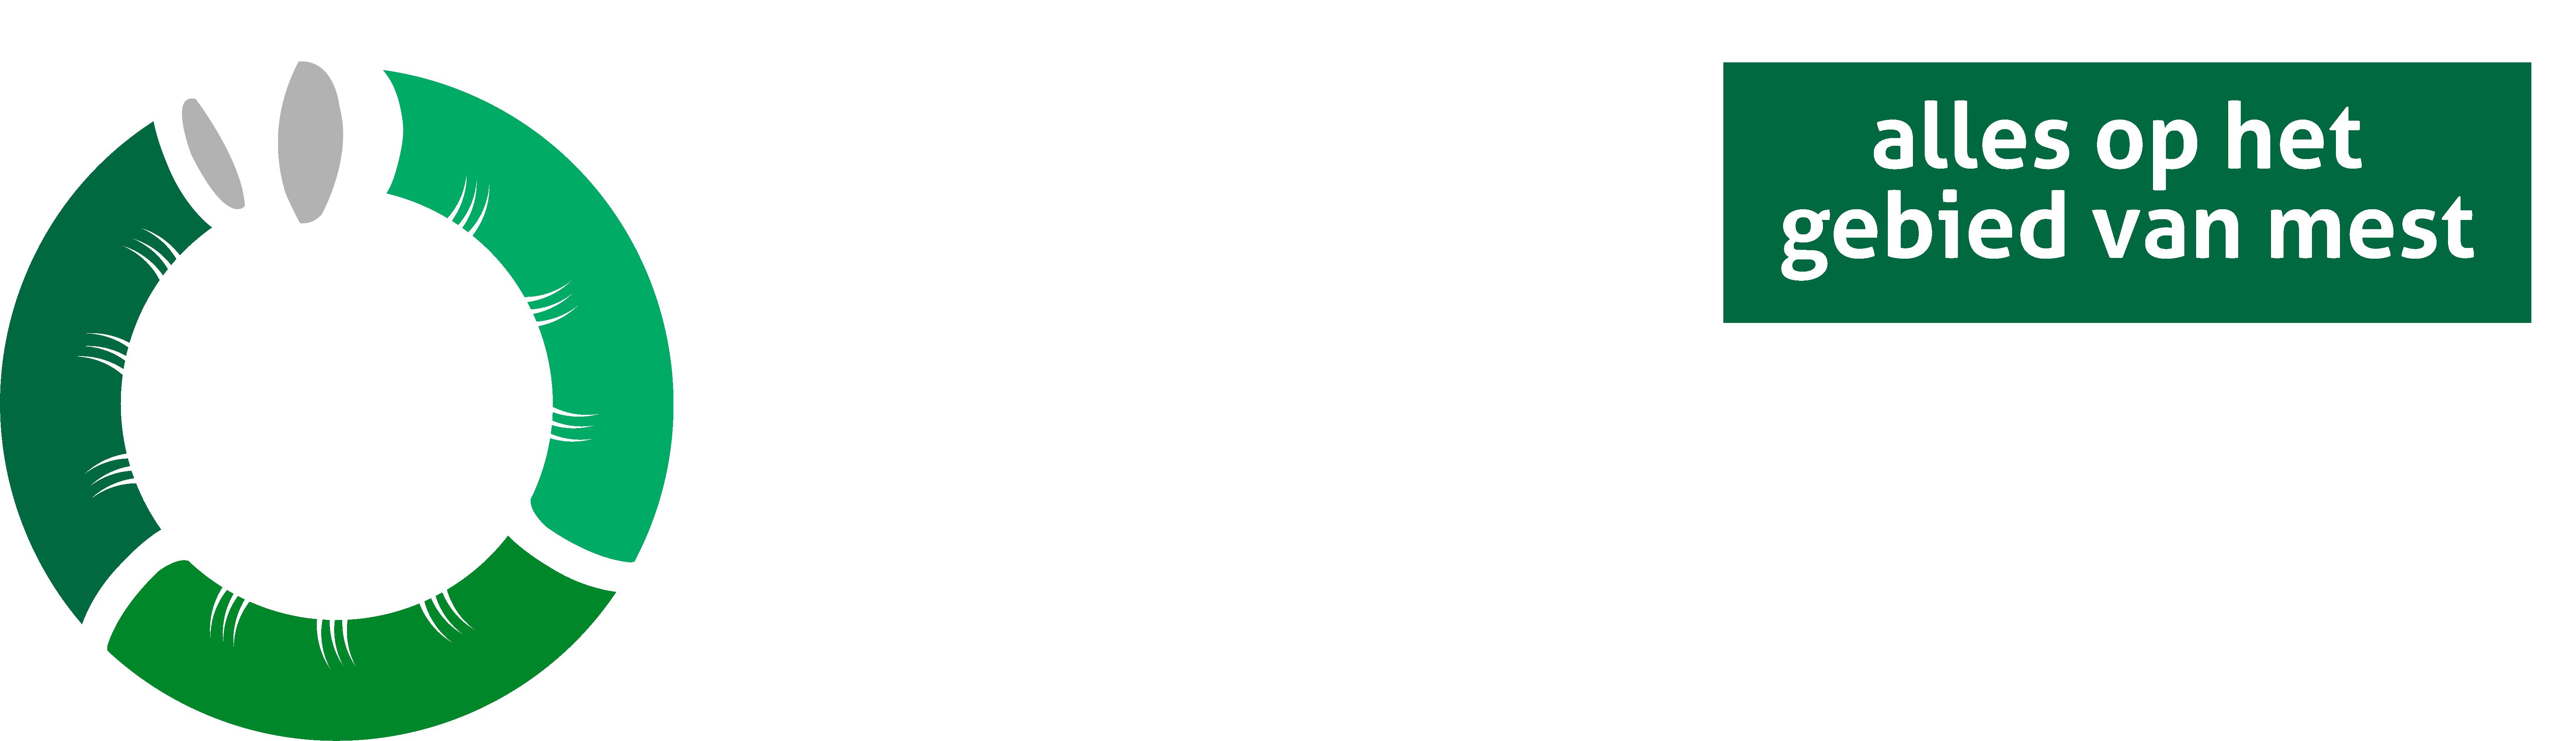 Mesttechniek.nl